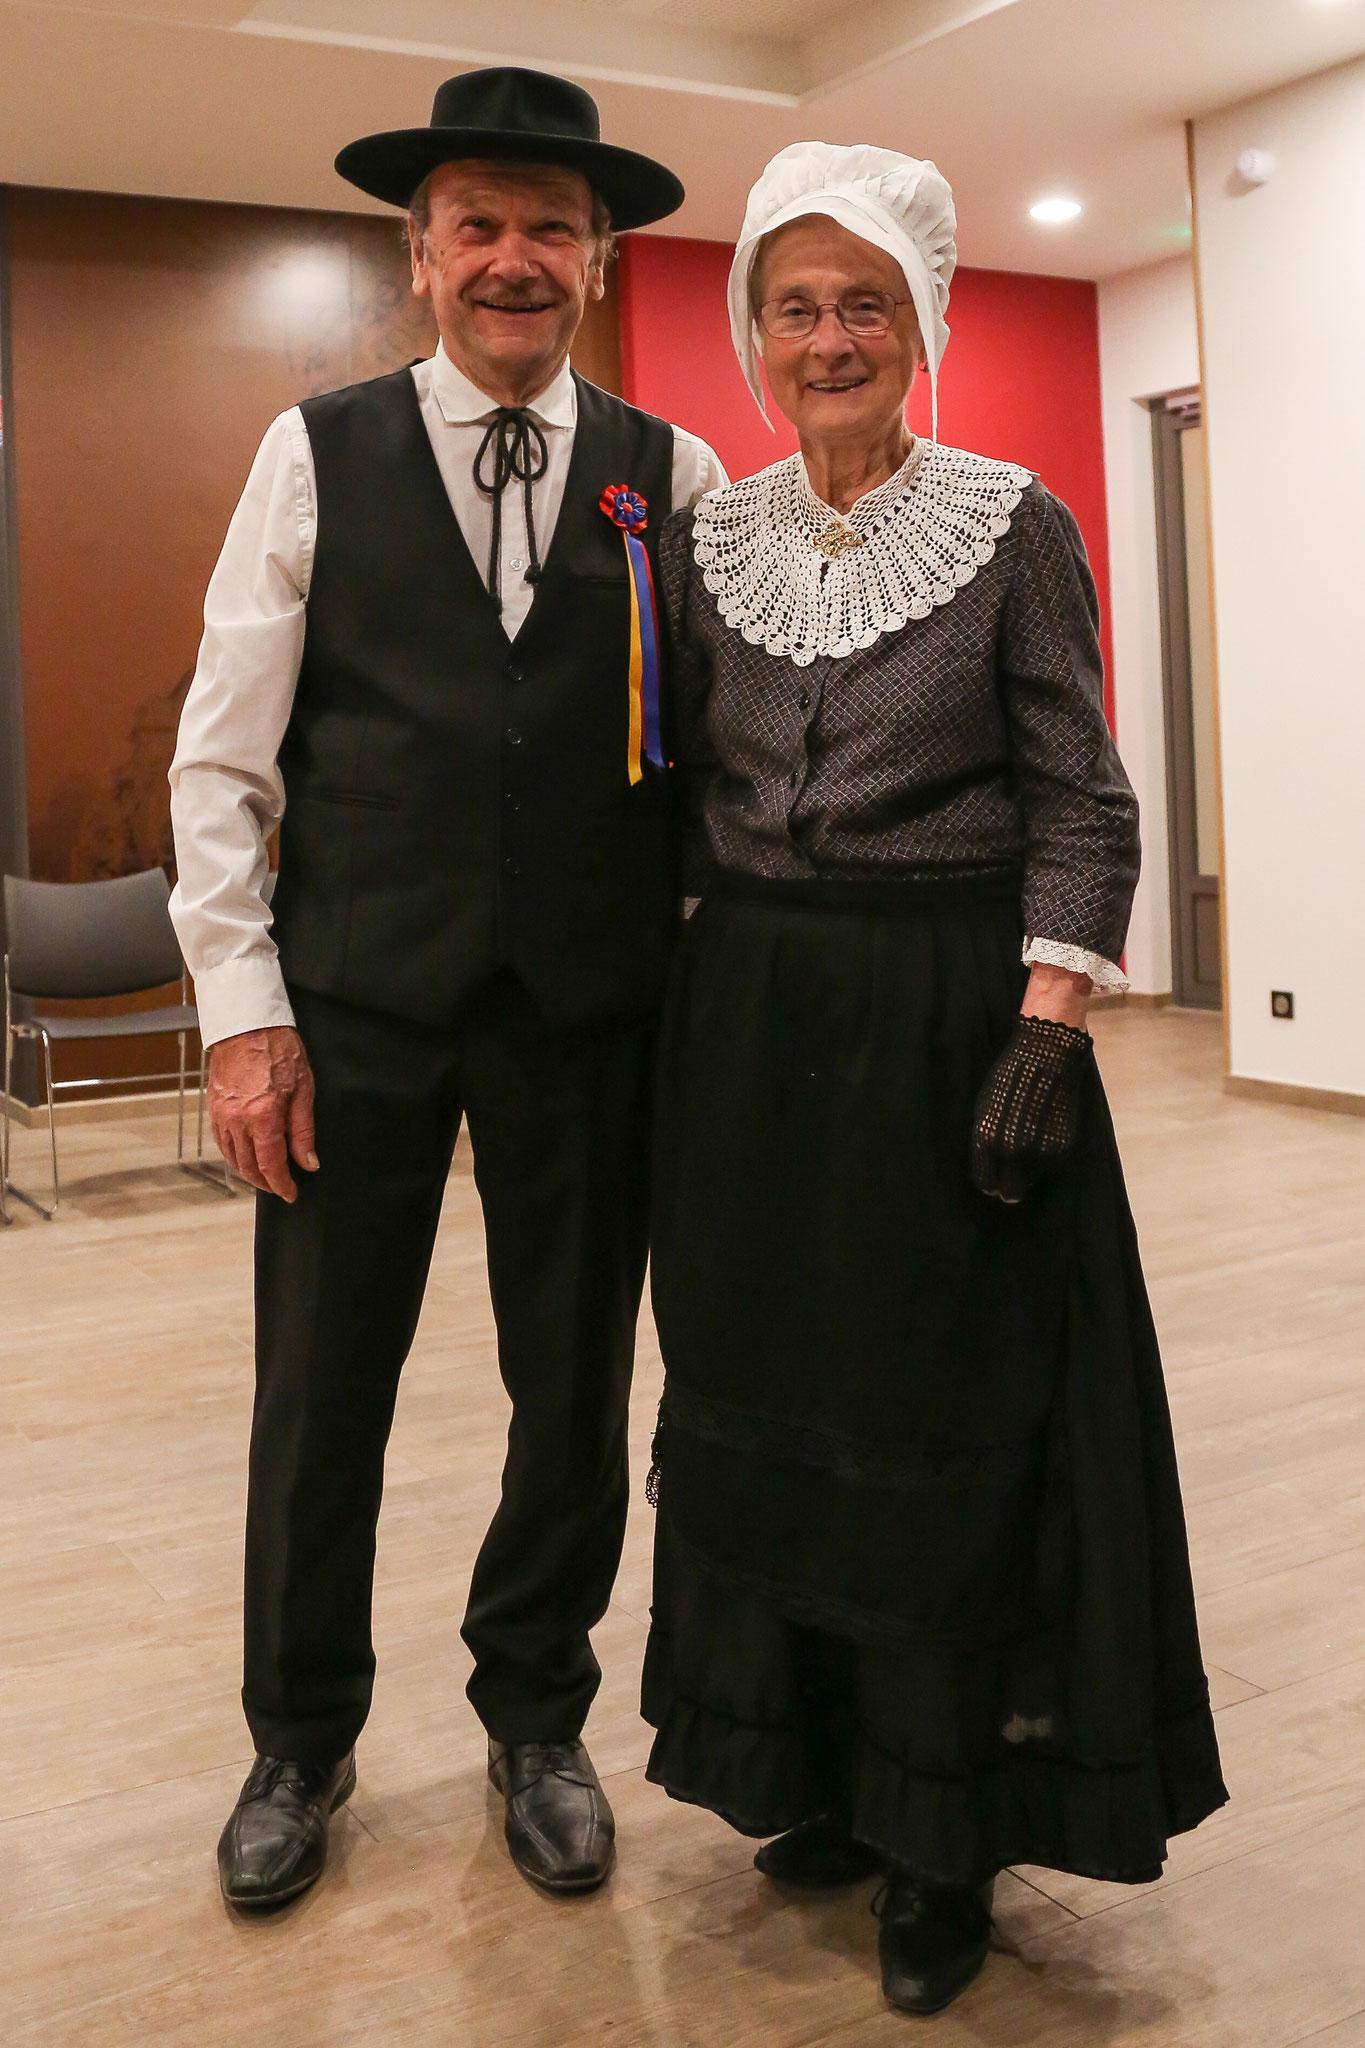 traditions populaire groupe folklorique sarlat costumes traditionel du Périgord, costumes et coiffe de dentelle, vêtements de nos aïeux, costume régional folklorique de Sarlat